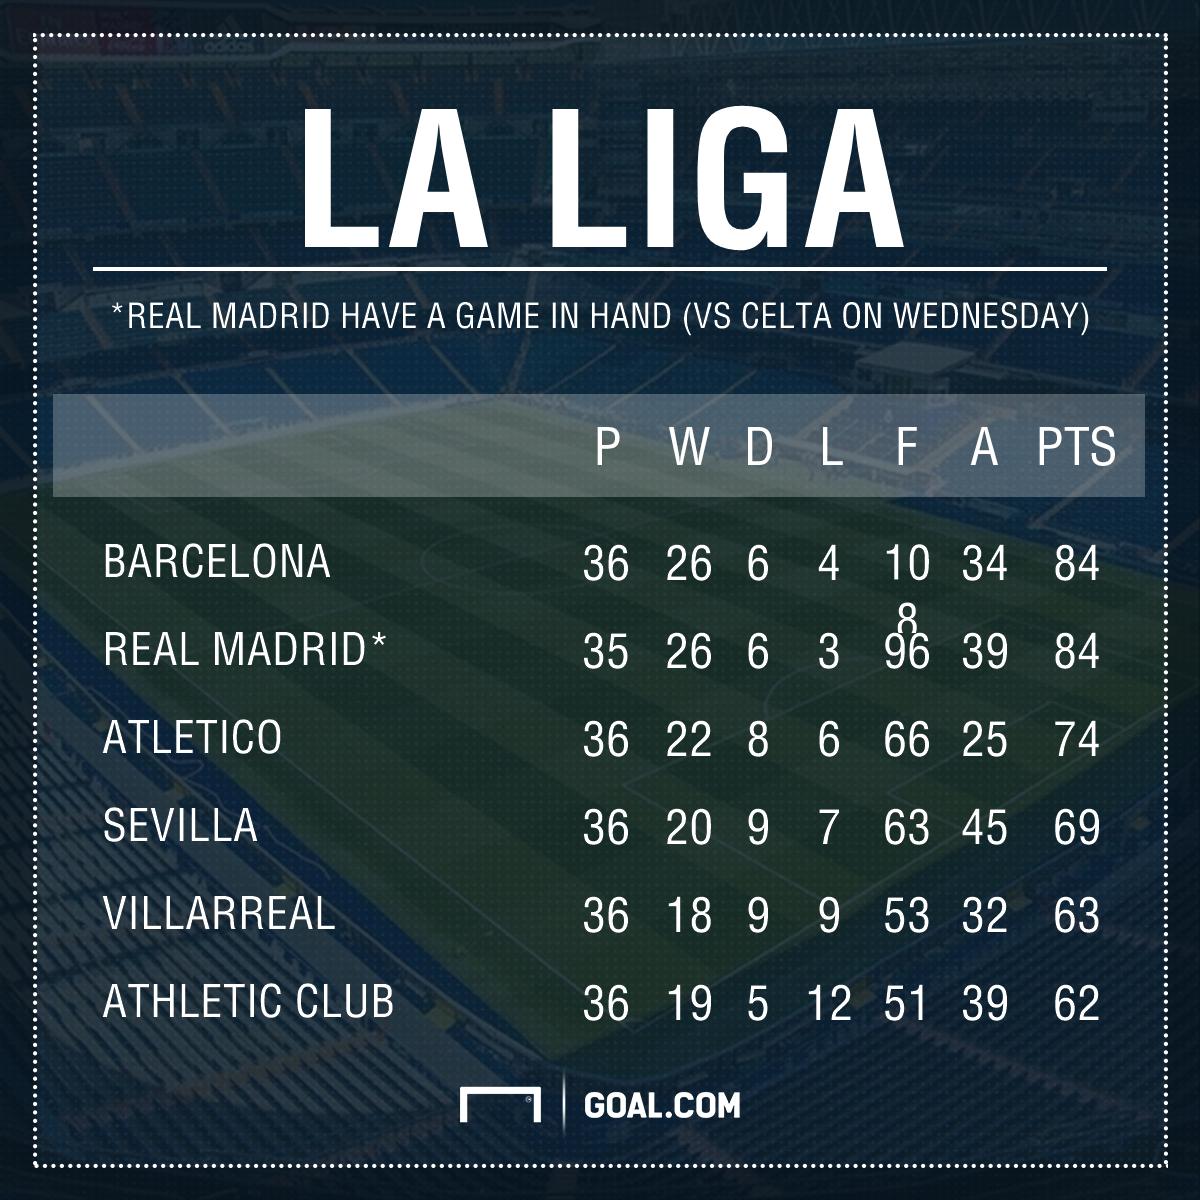 La Liga table graphic